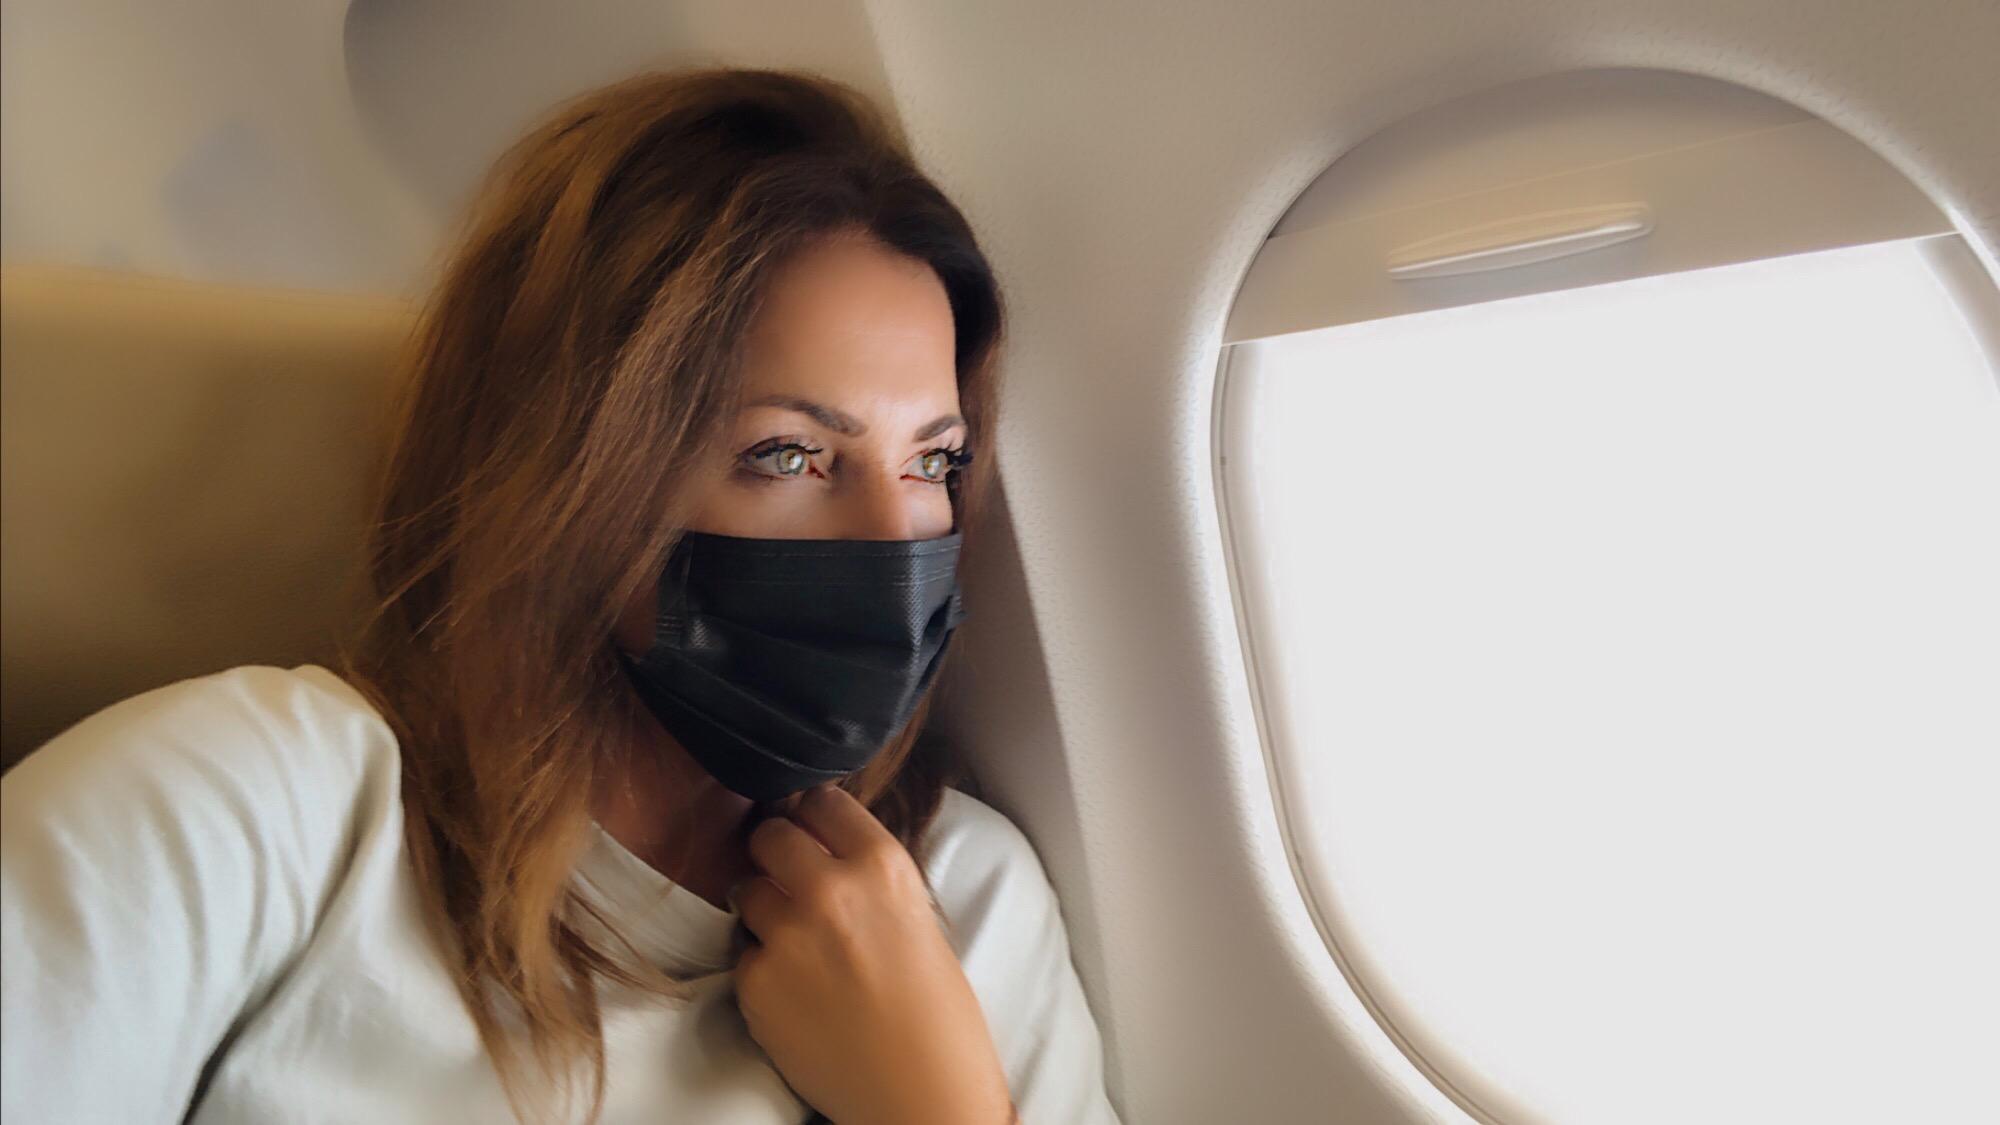 Fliegen mit Maske Reisen nach Lockdown